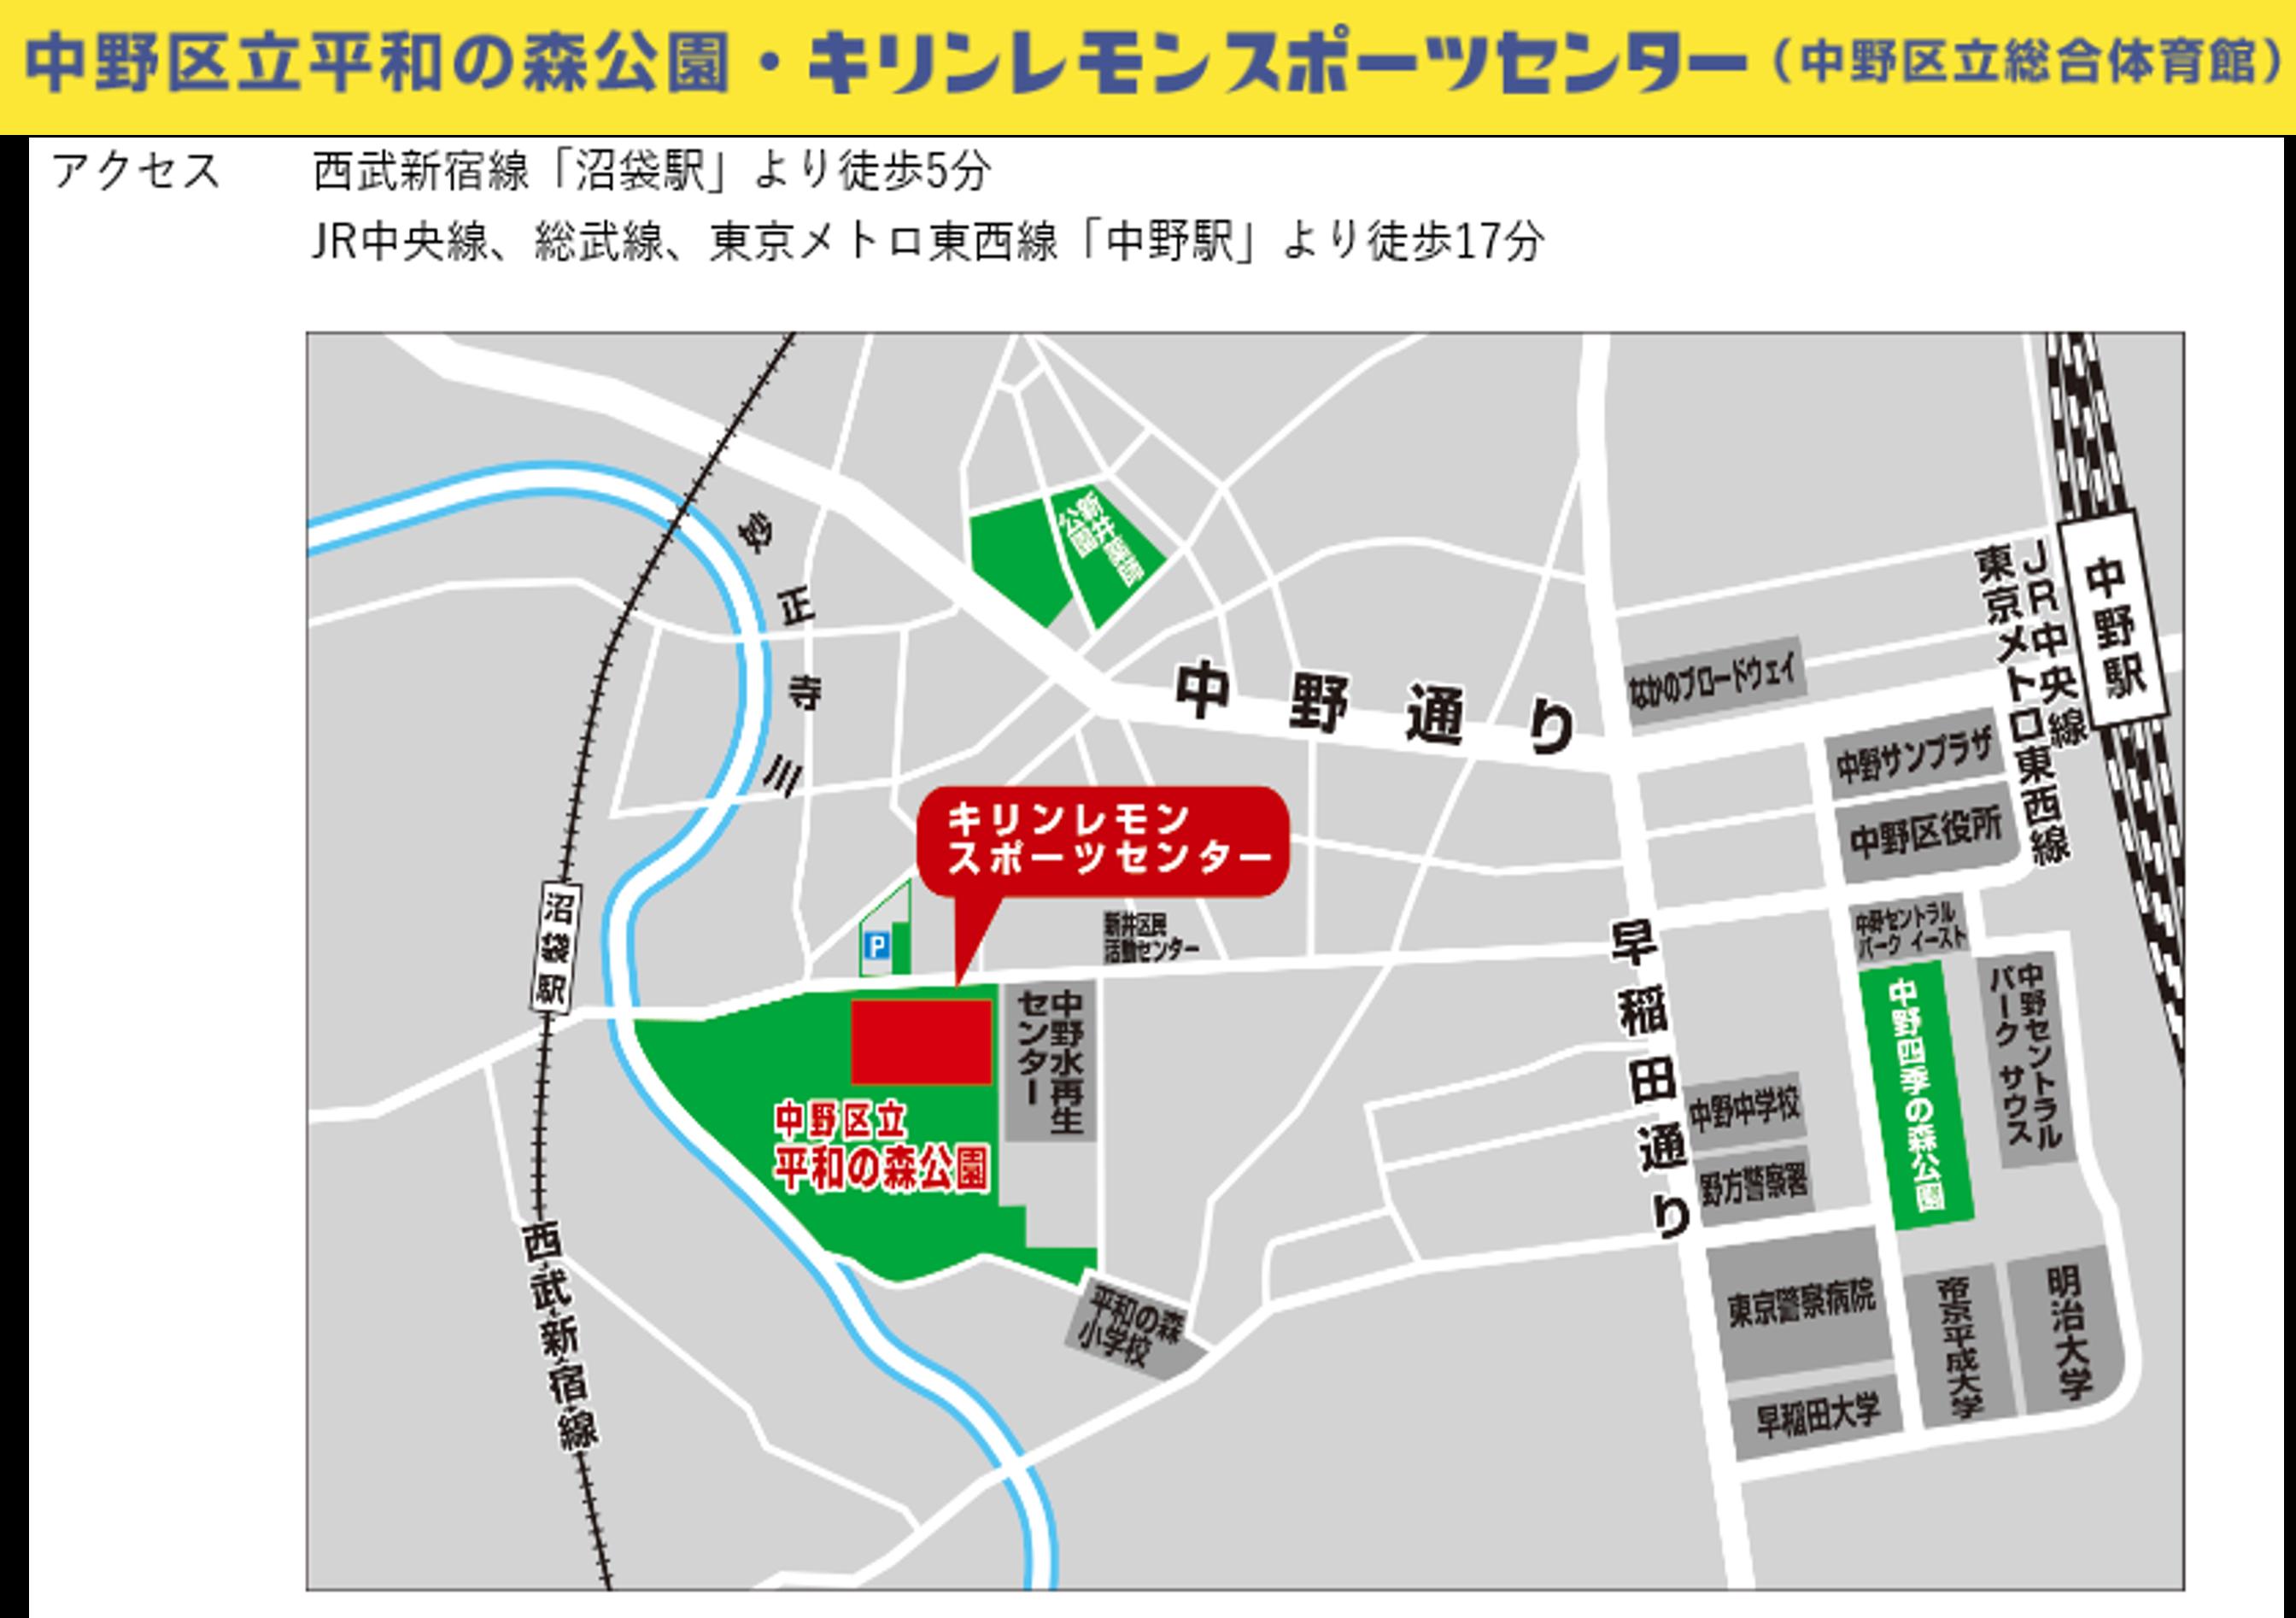 センター キリン レモン スポーツ